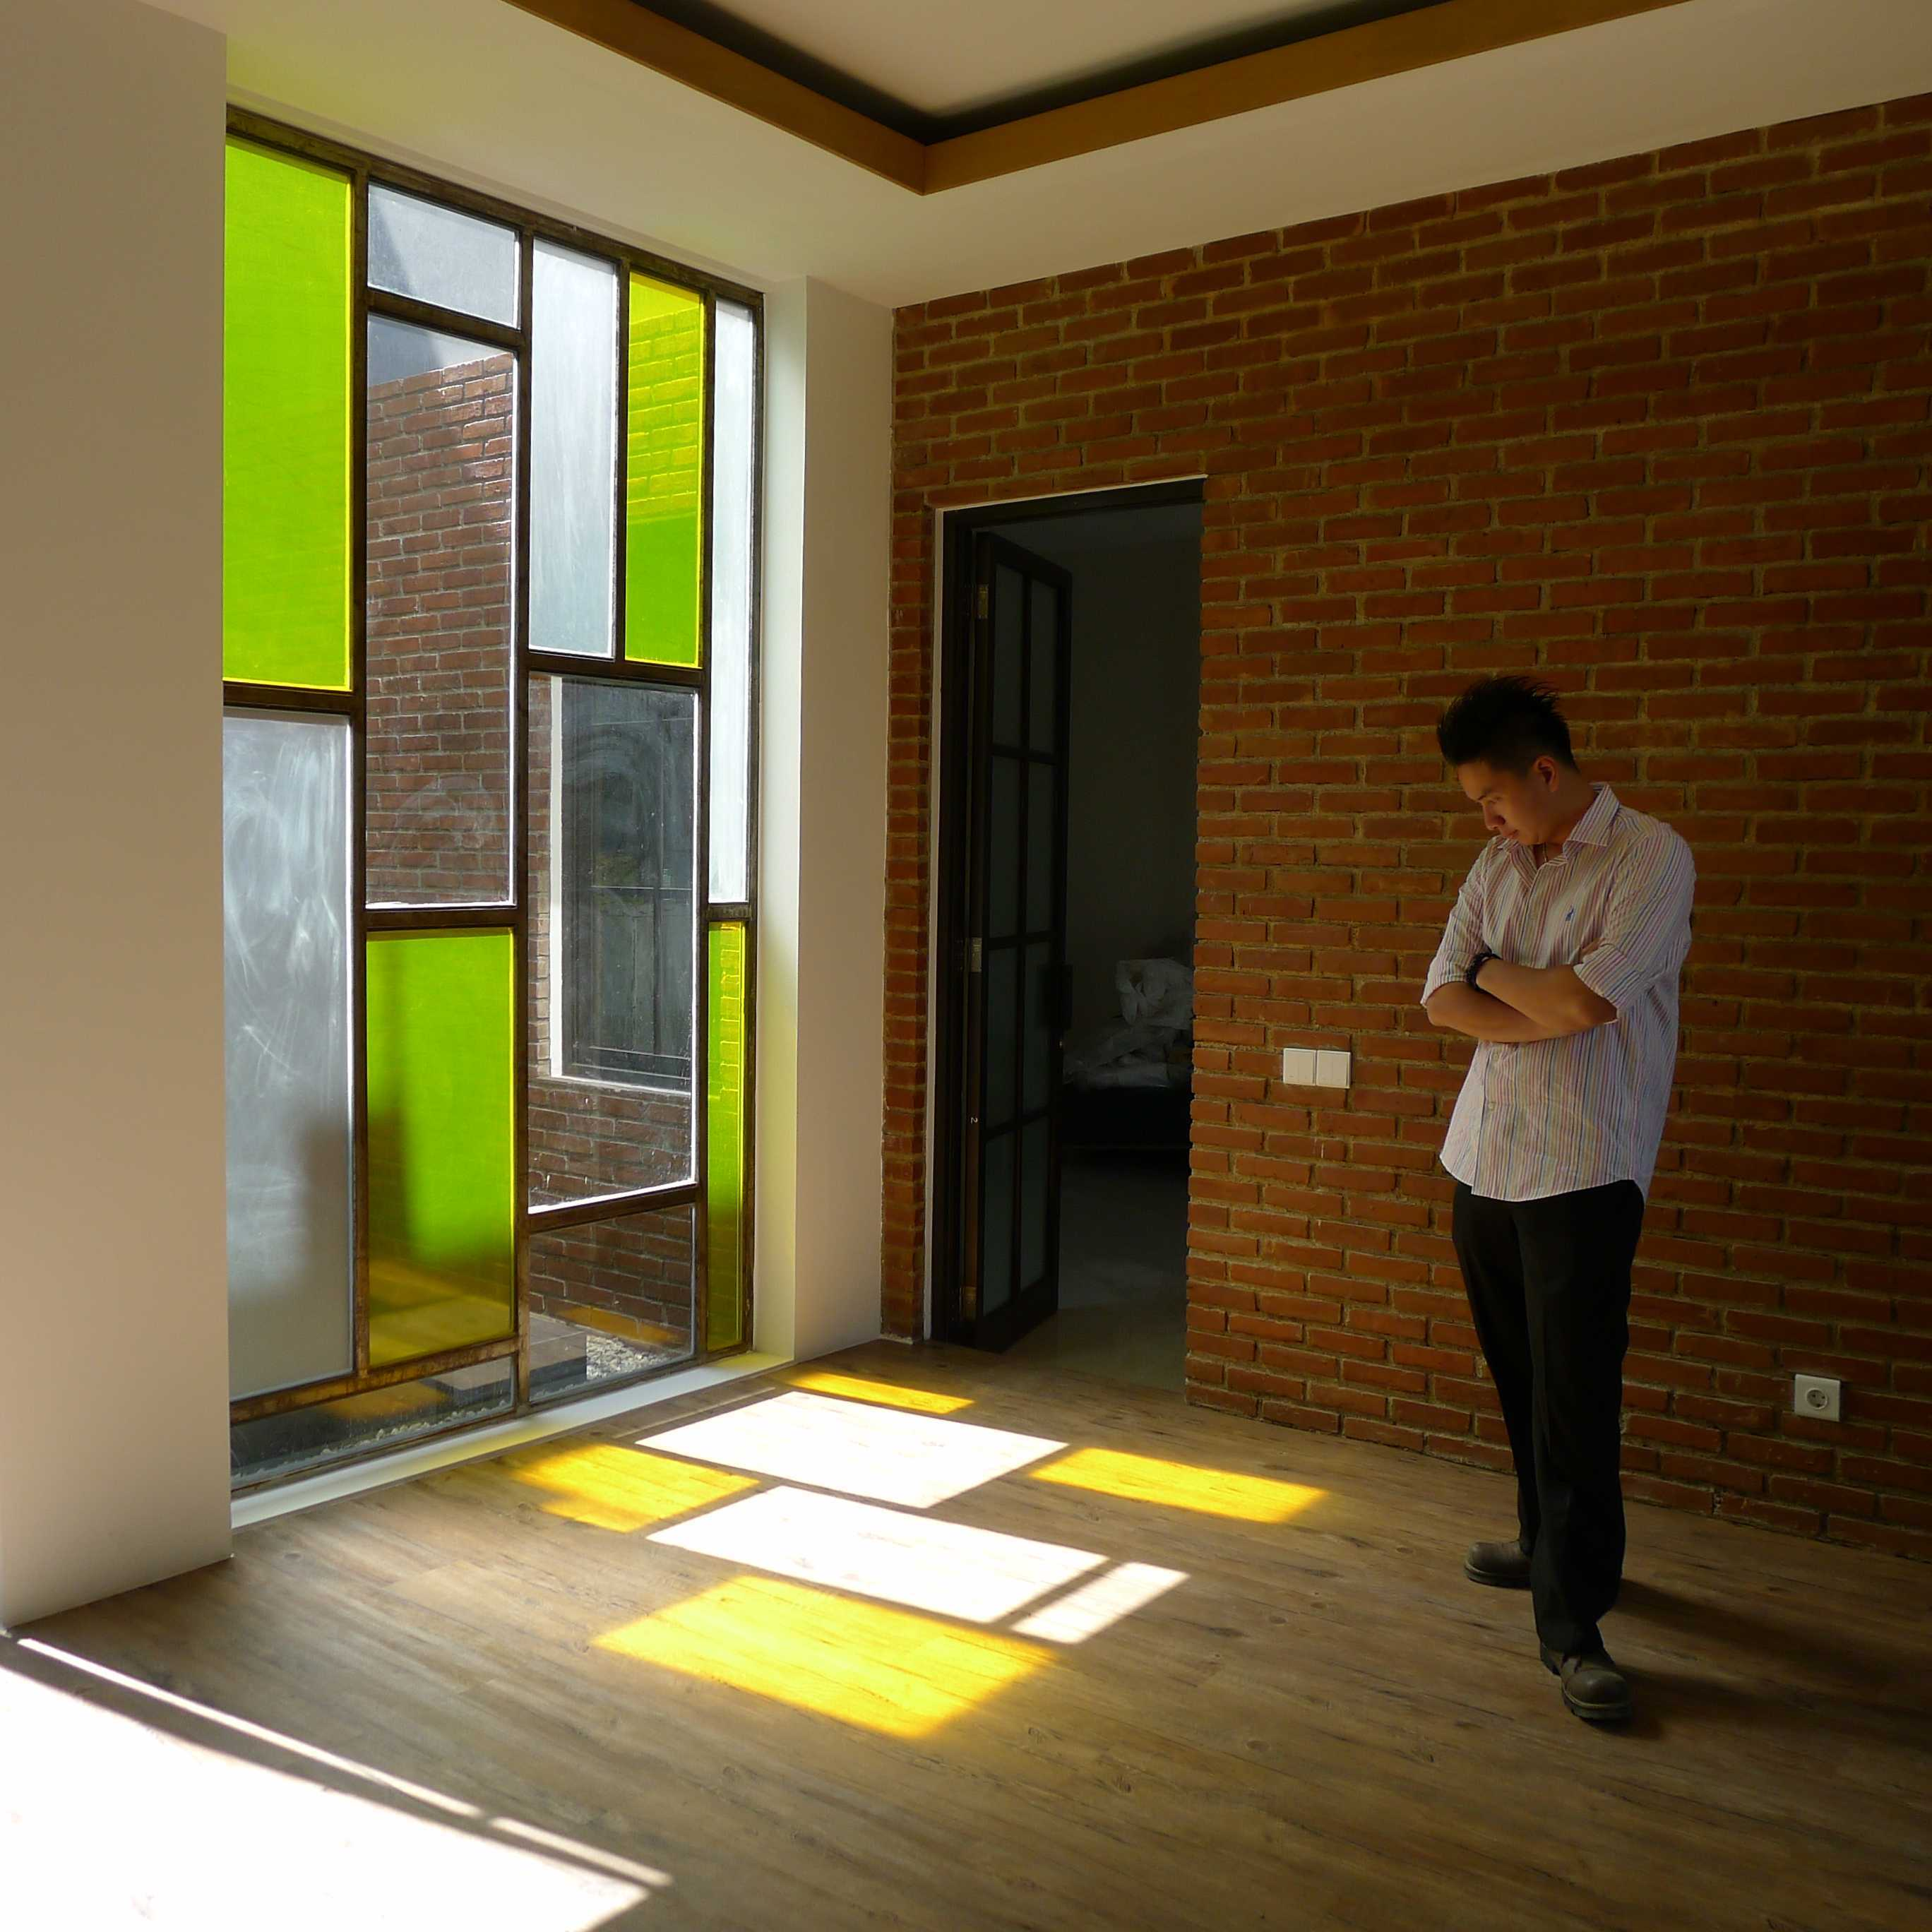 Dinardithen Studio Colorful Modern Office Nanjung, Kec. Margaasih, Bandung, Jawa Barat, Indonesia Nanjung, Kec. Margaasih, Bandung, Jawa Barat, Indonesia Dinardithen-Studio-Colorful-Modern-Office   76763